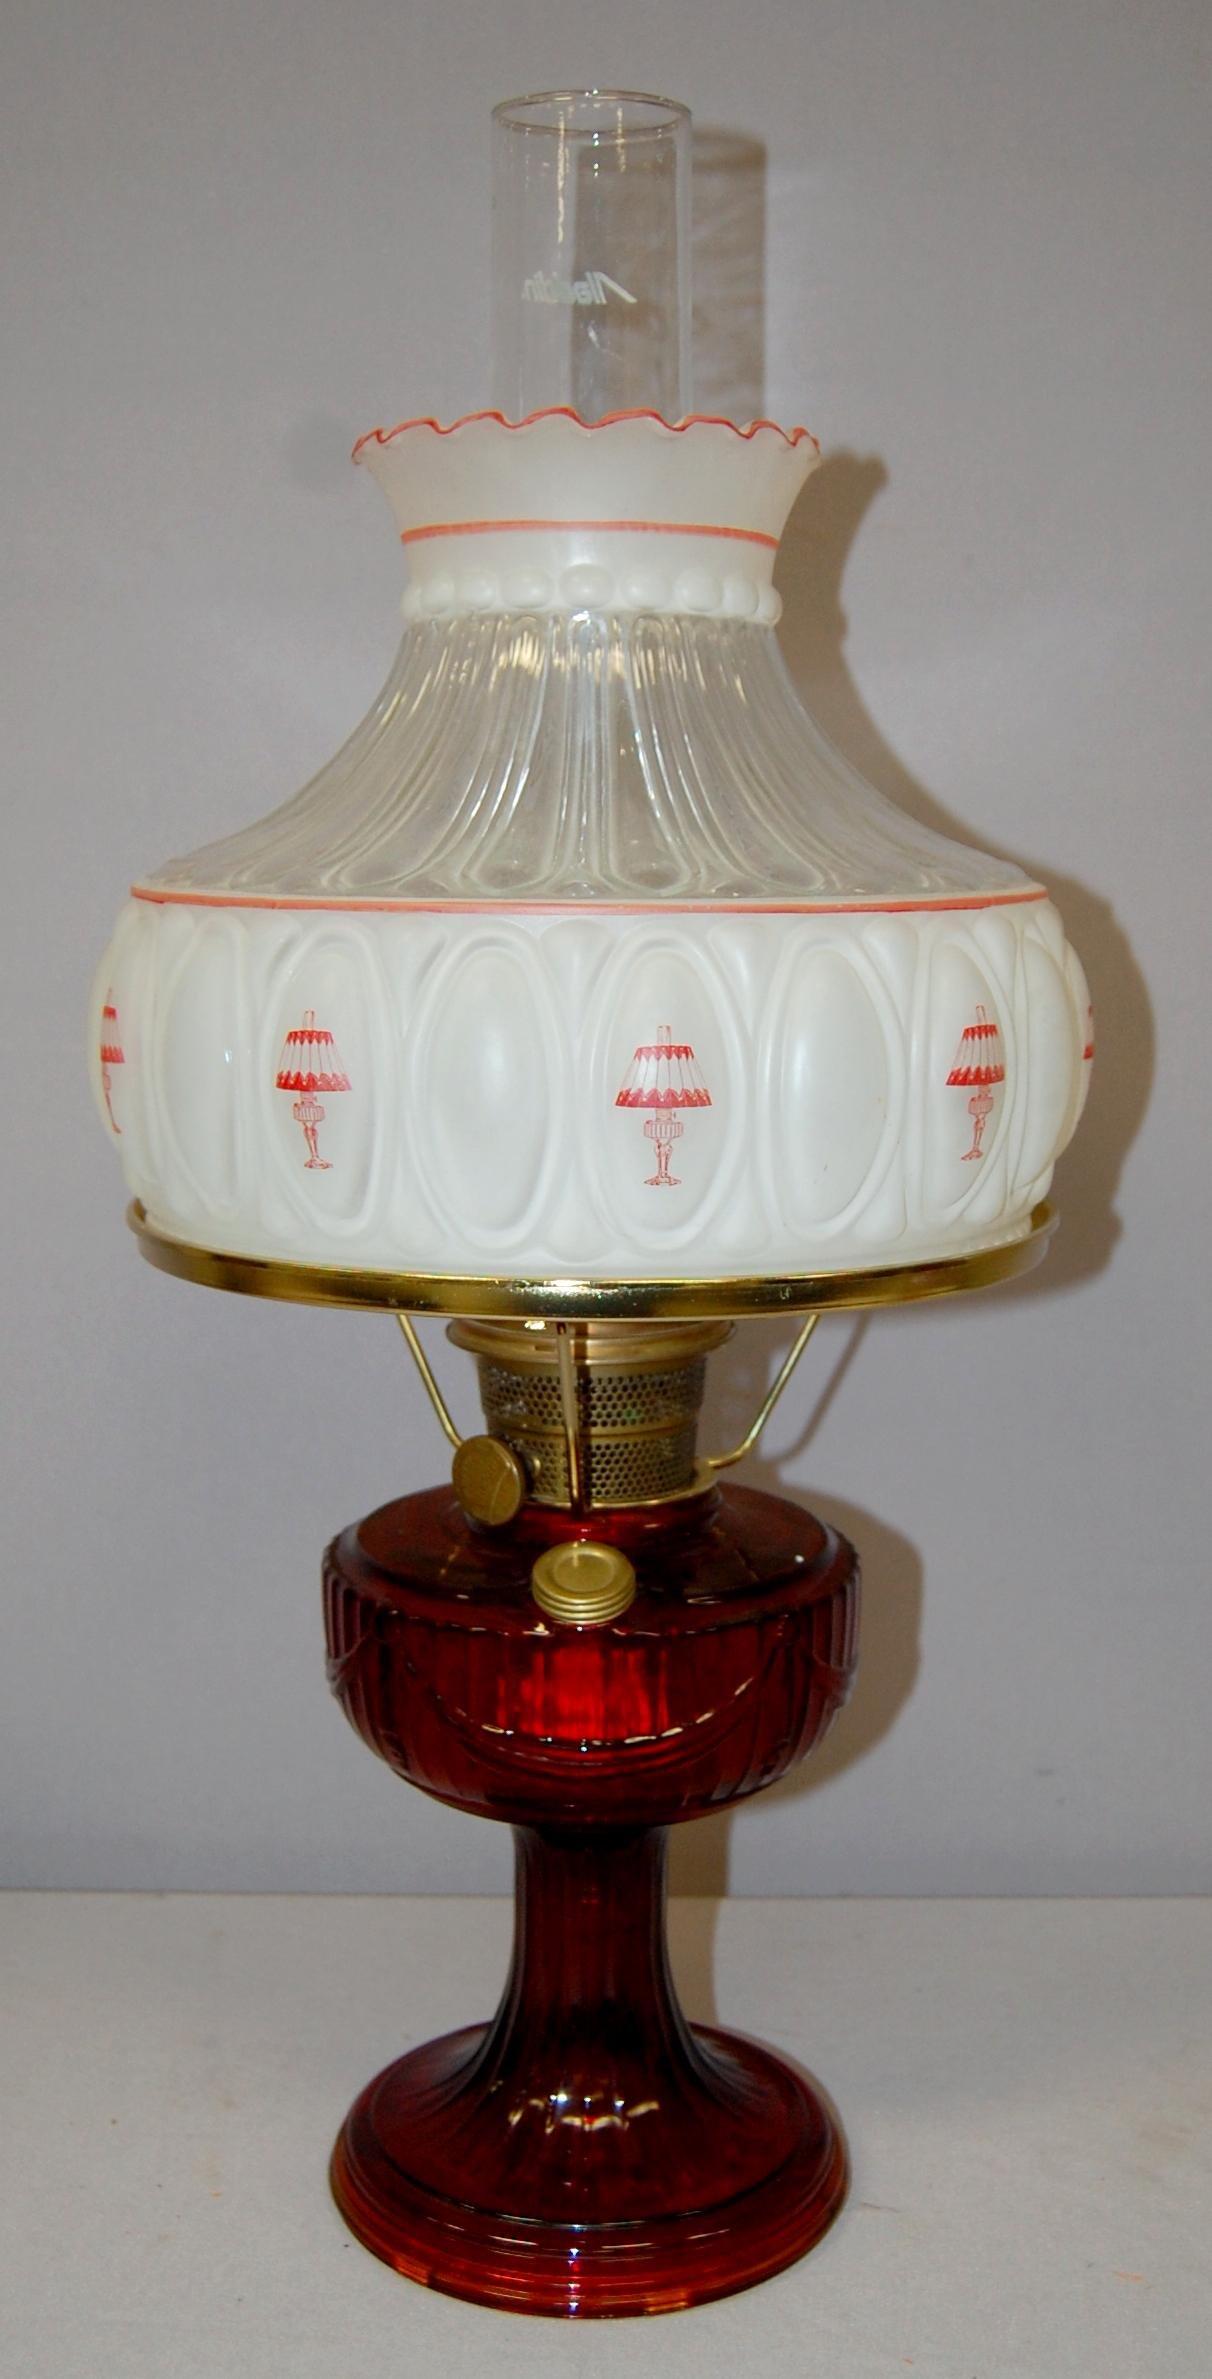 Unused Vaseline No. 23 Aladdin Lamp and